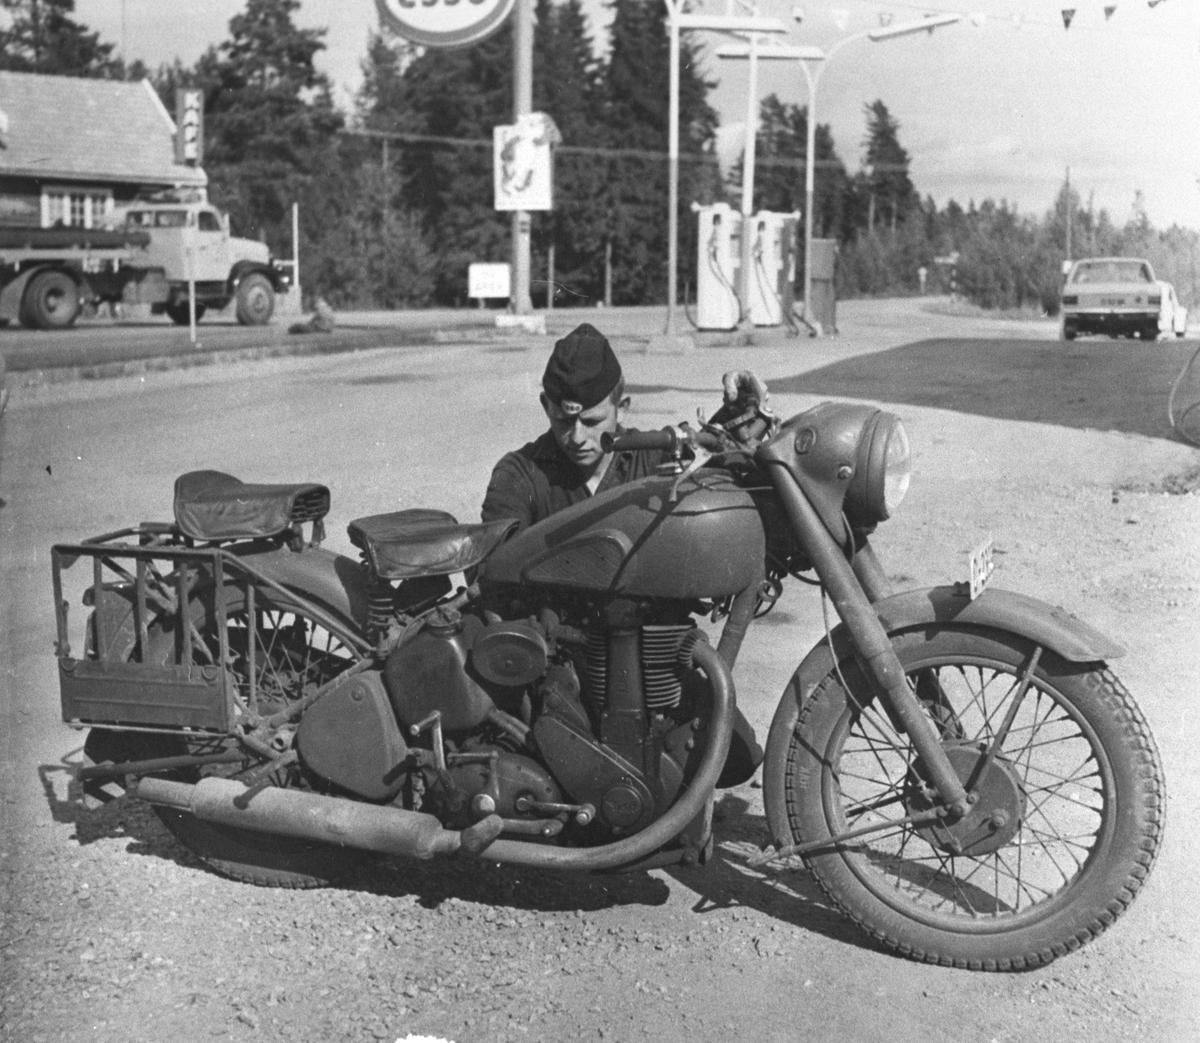 Mann med motorsykkel på bensinstasjon, Herbergåsen, Nes på Romerike.